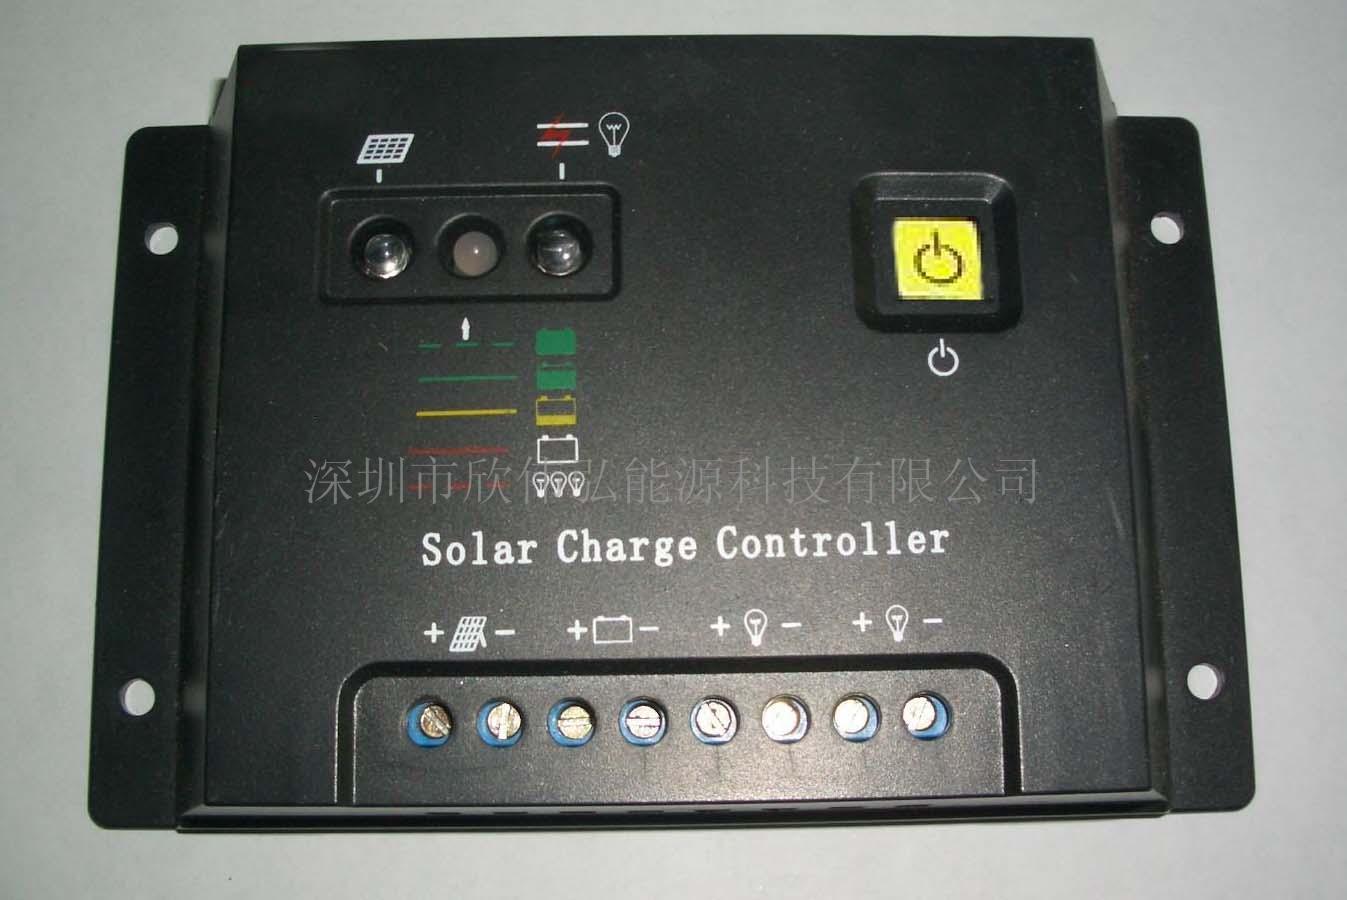 供应欣伟弘太阳能路灯控制器 12V/24V1 欣伟弘12V/2 防潮型太阳能路灯 额定充电电流 5A 10A 20A 额定负载电流 5A 10A 20A 系统电压 12V、24V 36V、48V 过载保护 1.3倍额定电流60秒,1.6倍额定电流5秒时过载保护动作 短路保护 25A 50A 100A 瞬态电流 12.5A 25A 50A 空载损耗 <5 mA 充电回路压降 不大于0.